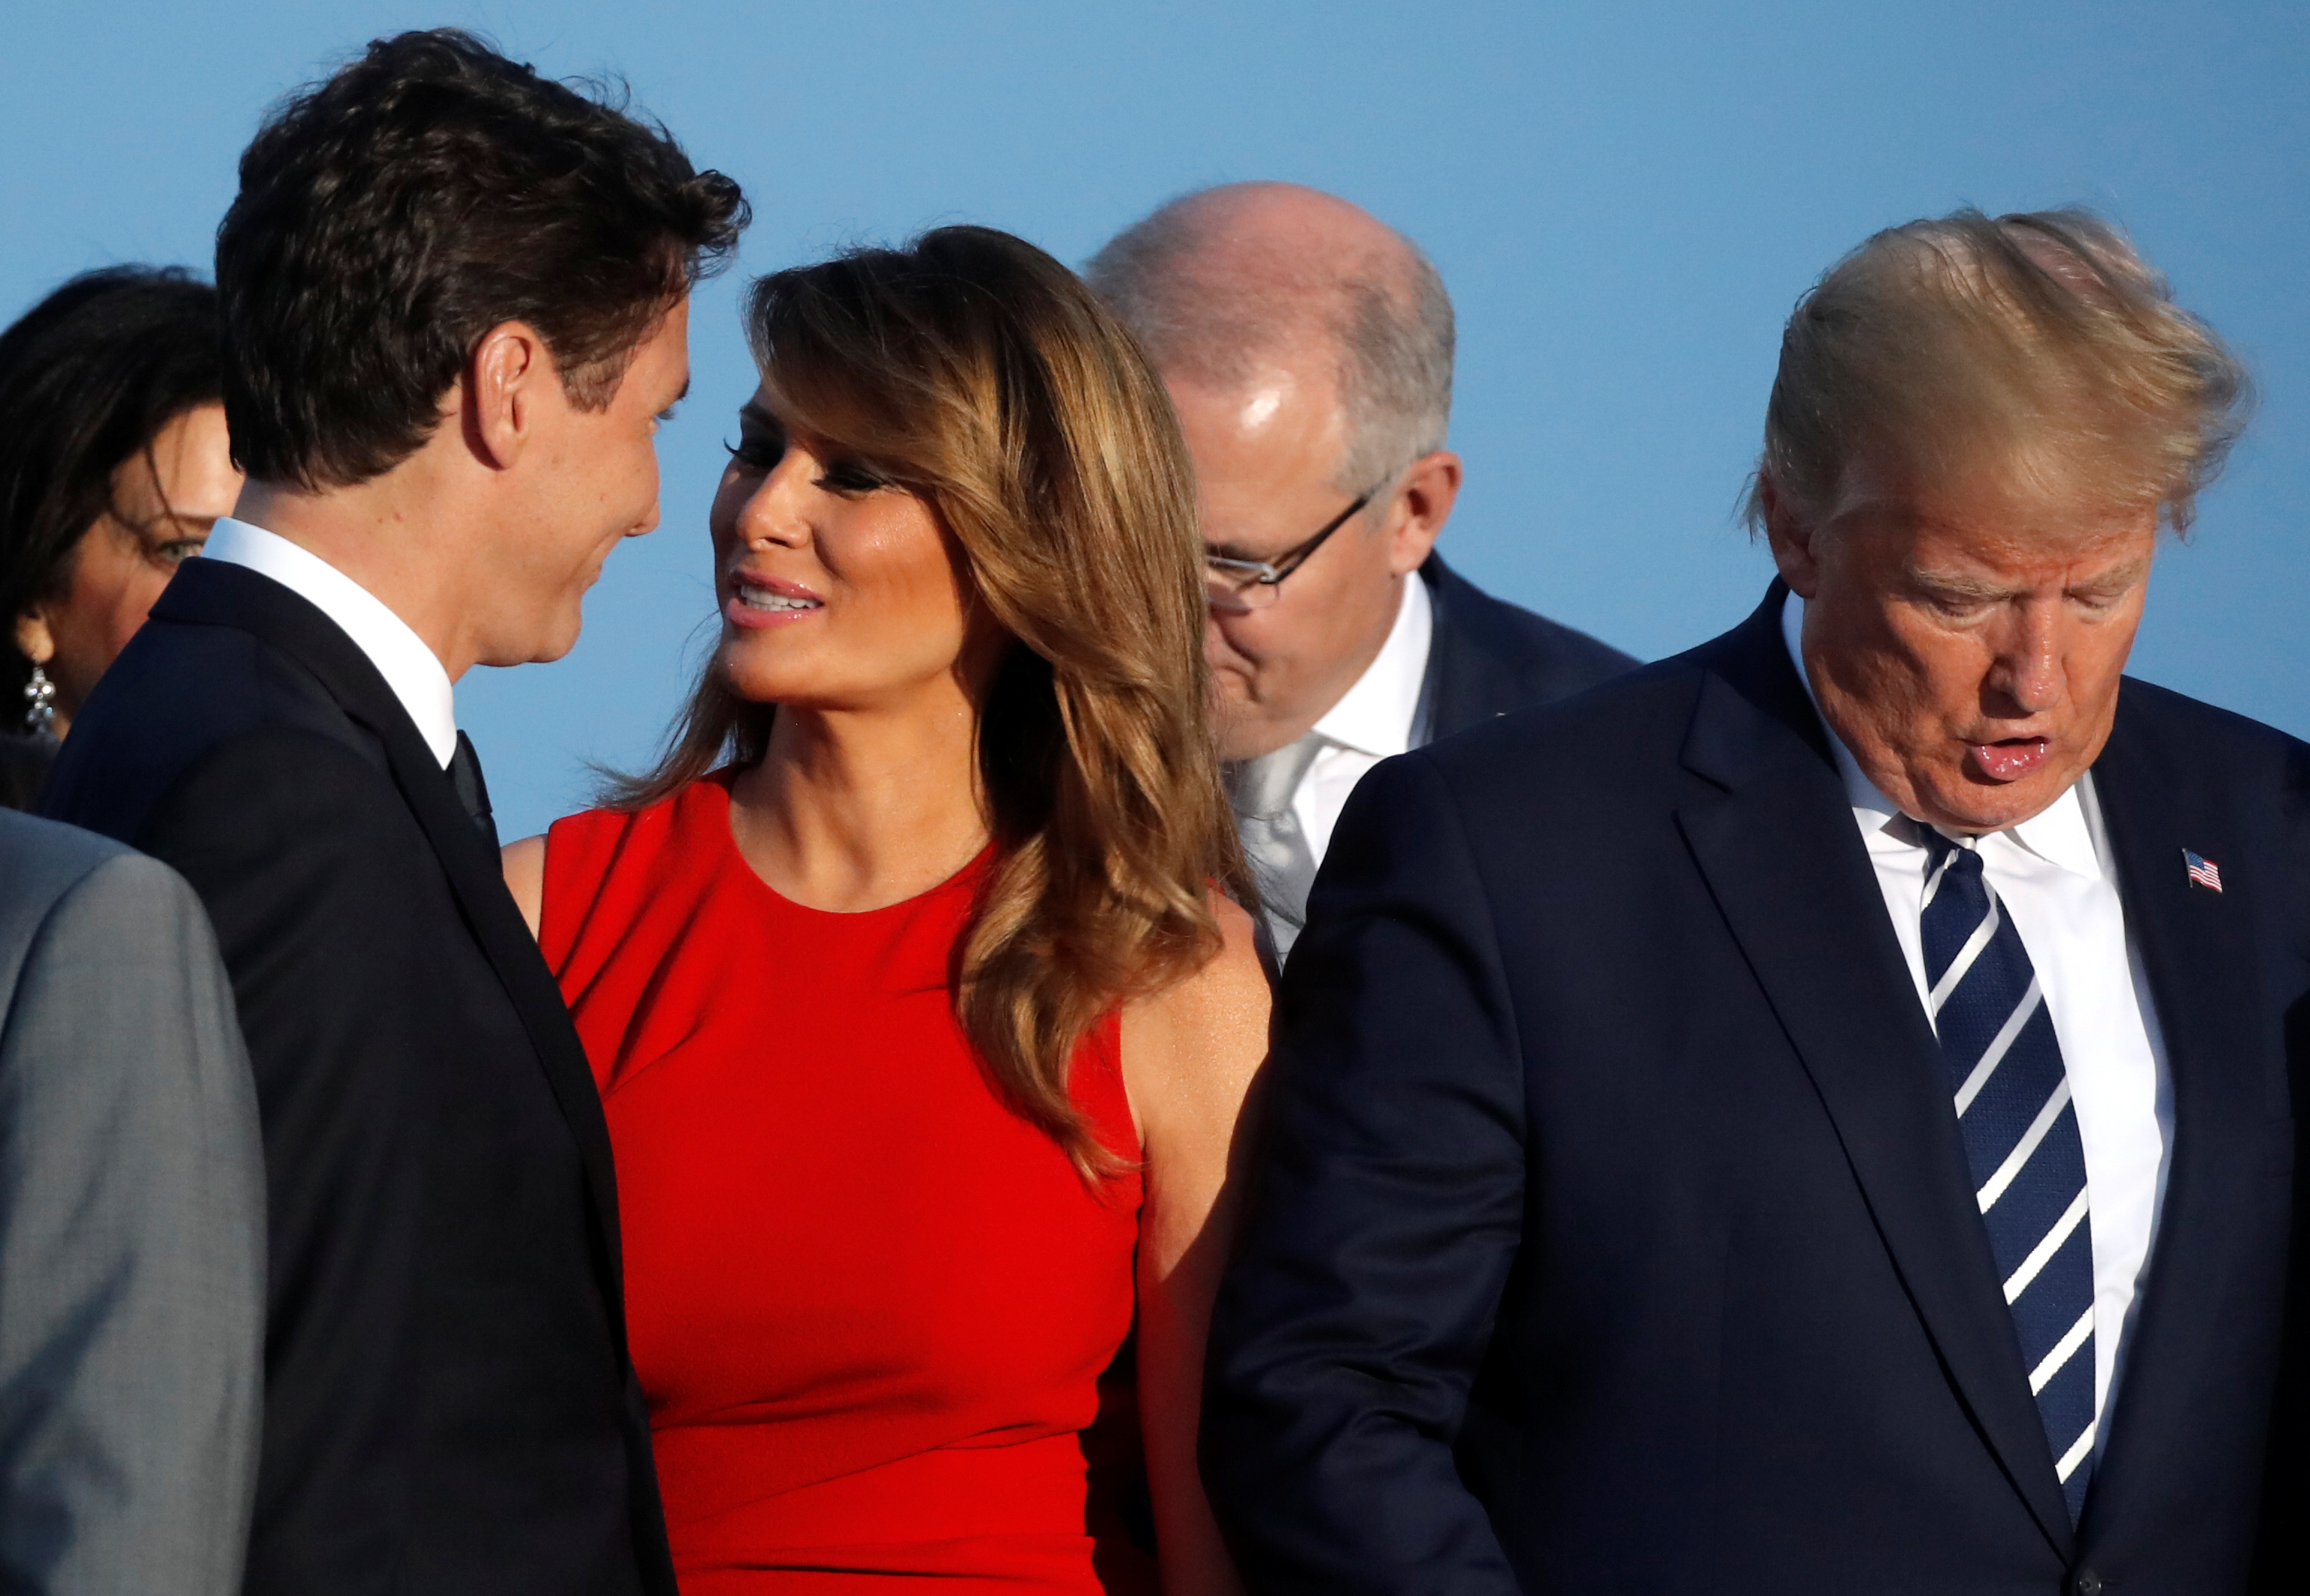 Μελάνια Τραμπ: Το φιλί, οι αγκαλιές και τα βλέμματα με τον Τριντό έριξαν το διαδίκτυο